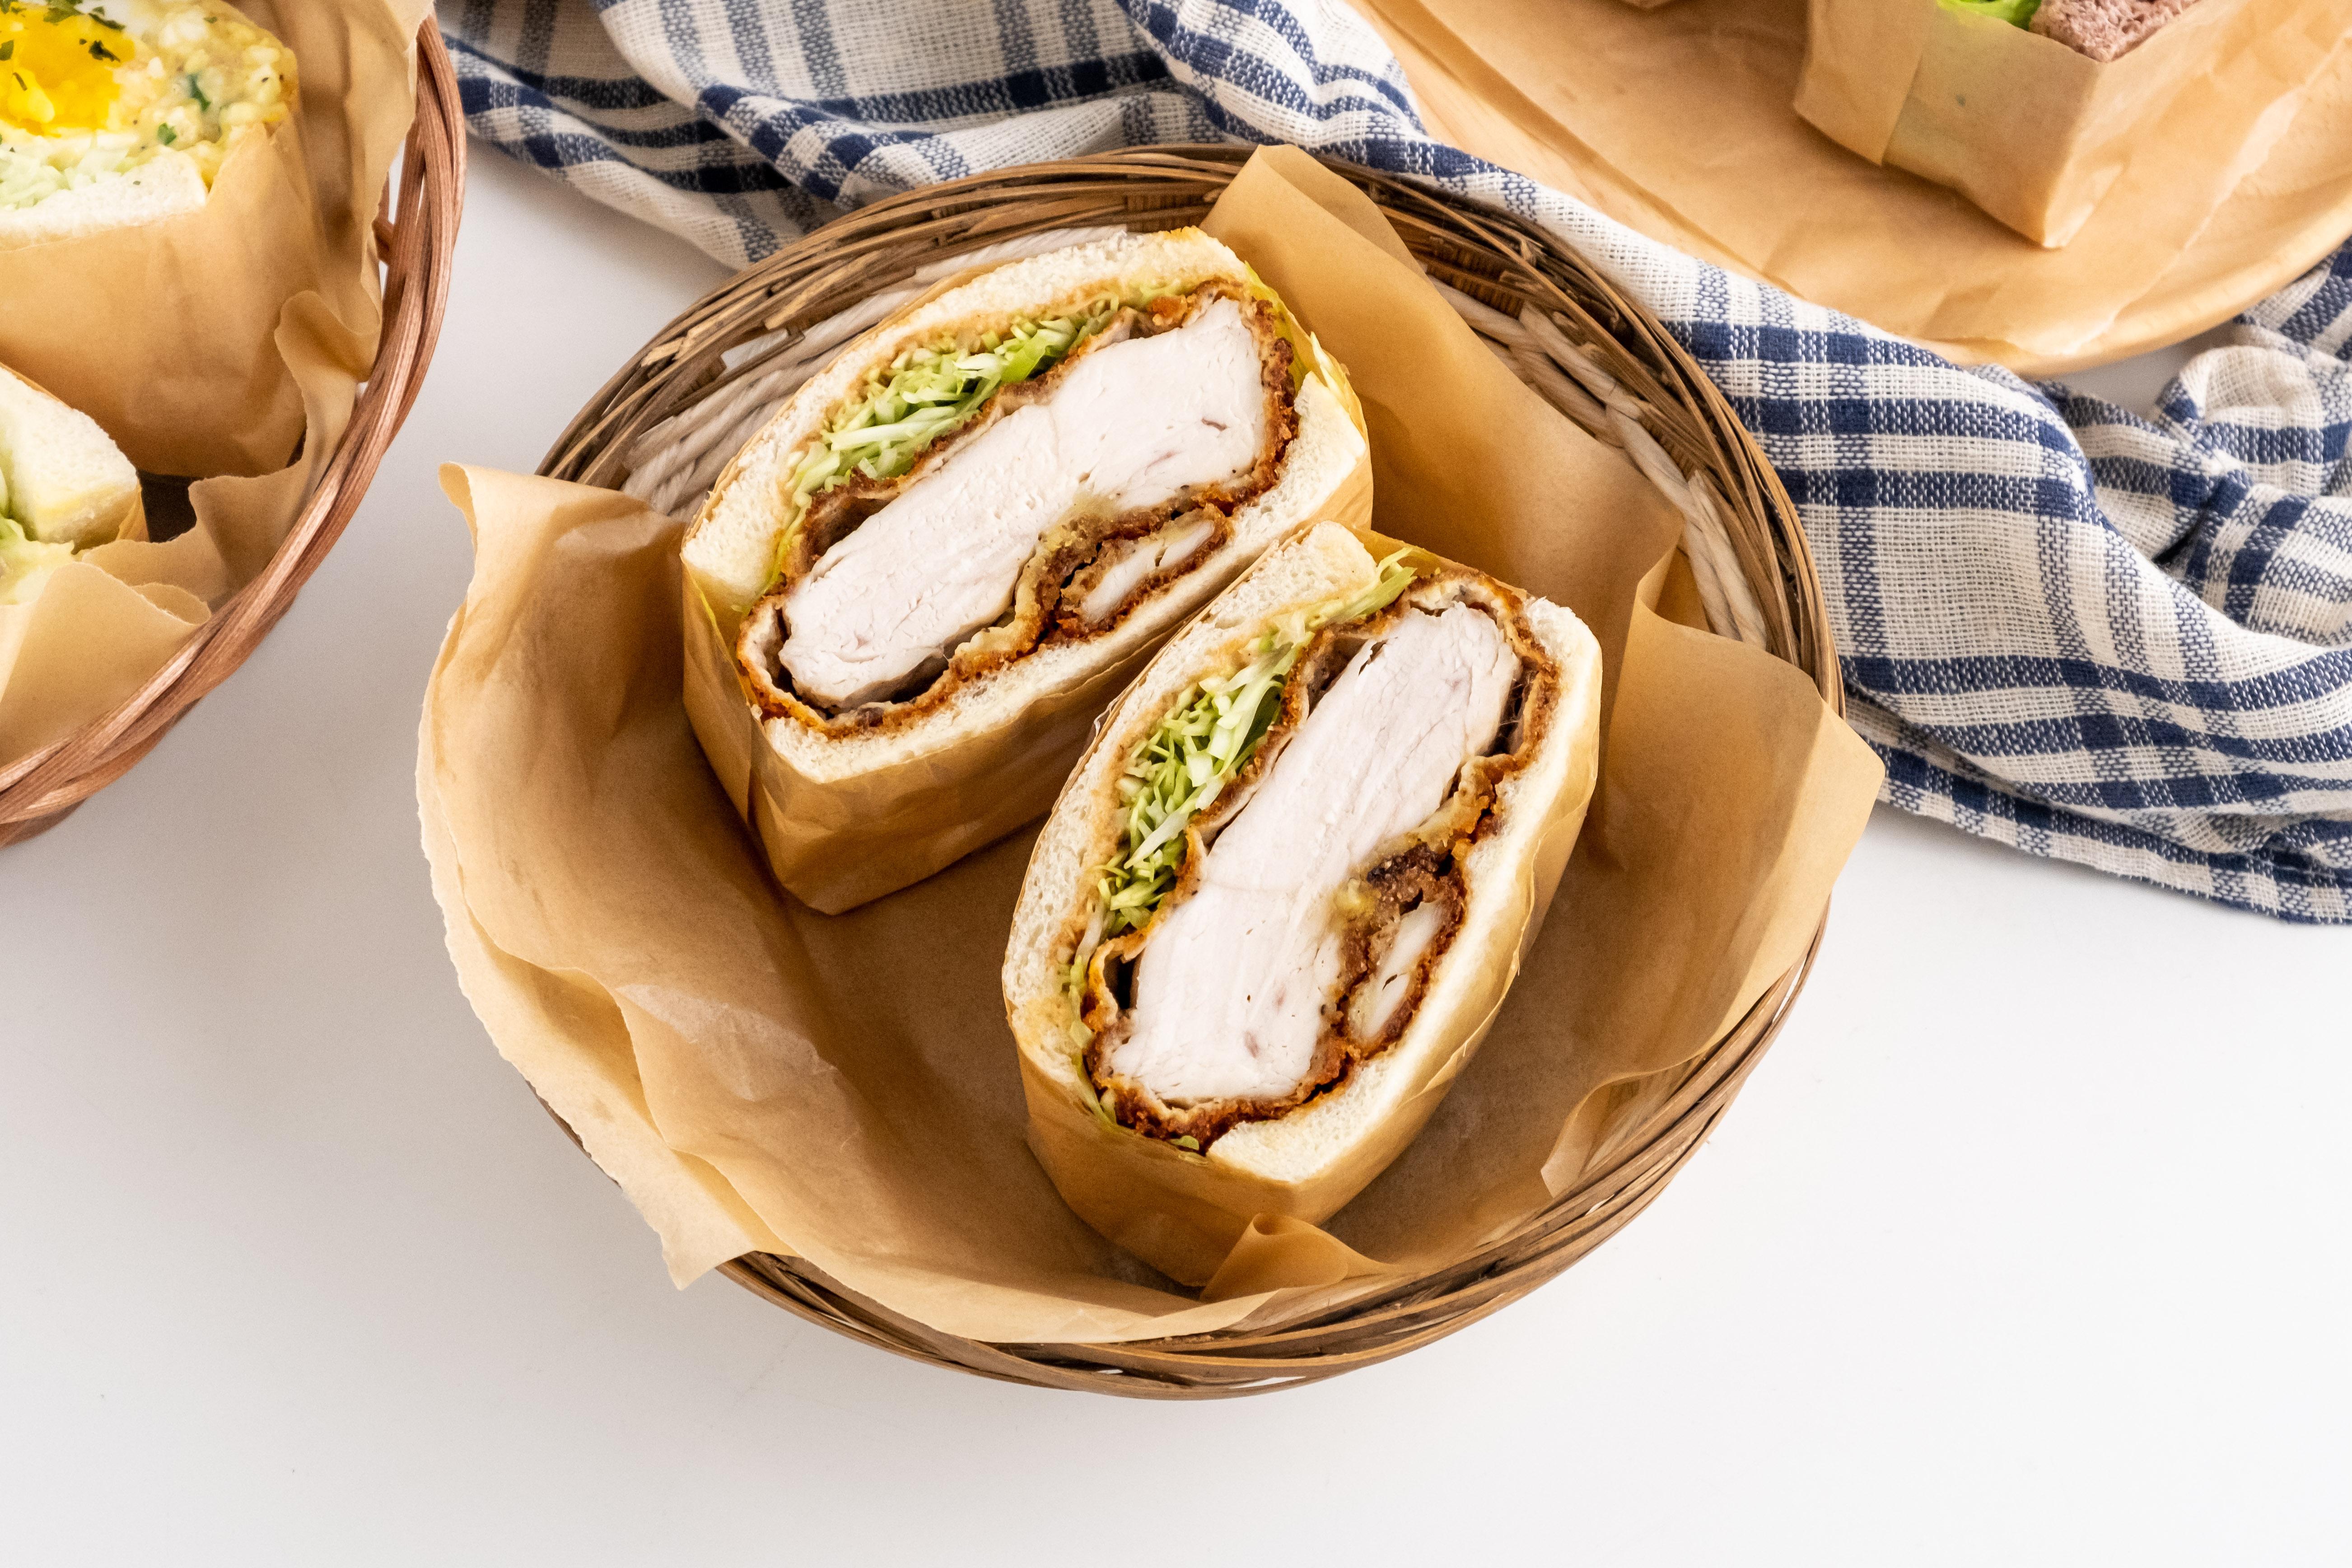 840x560-Chicken-Katsu-Sandwich